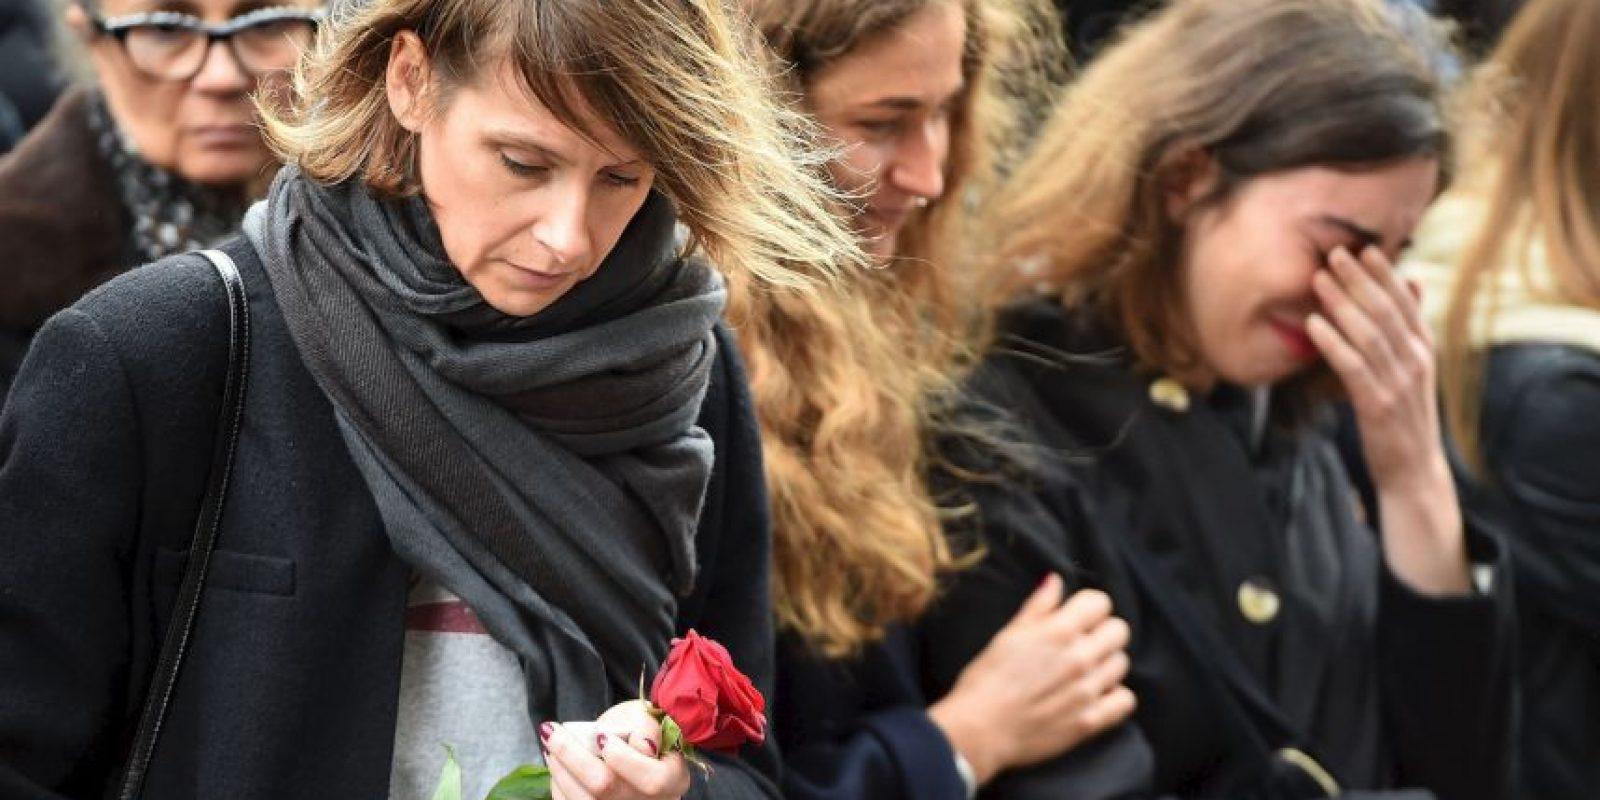 El mayor número de víctimas se registró en el teatro Bataclan. Foto:Getty Images